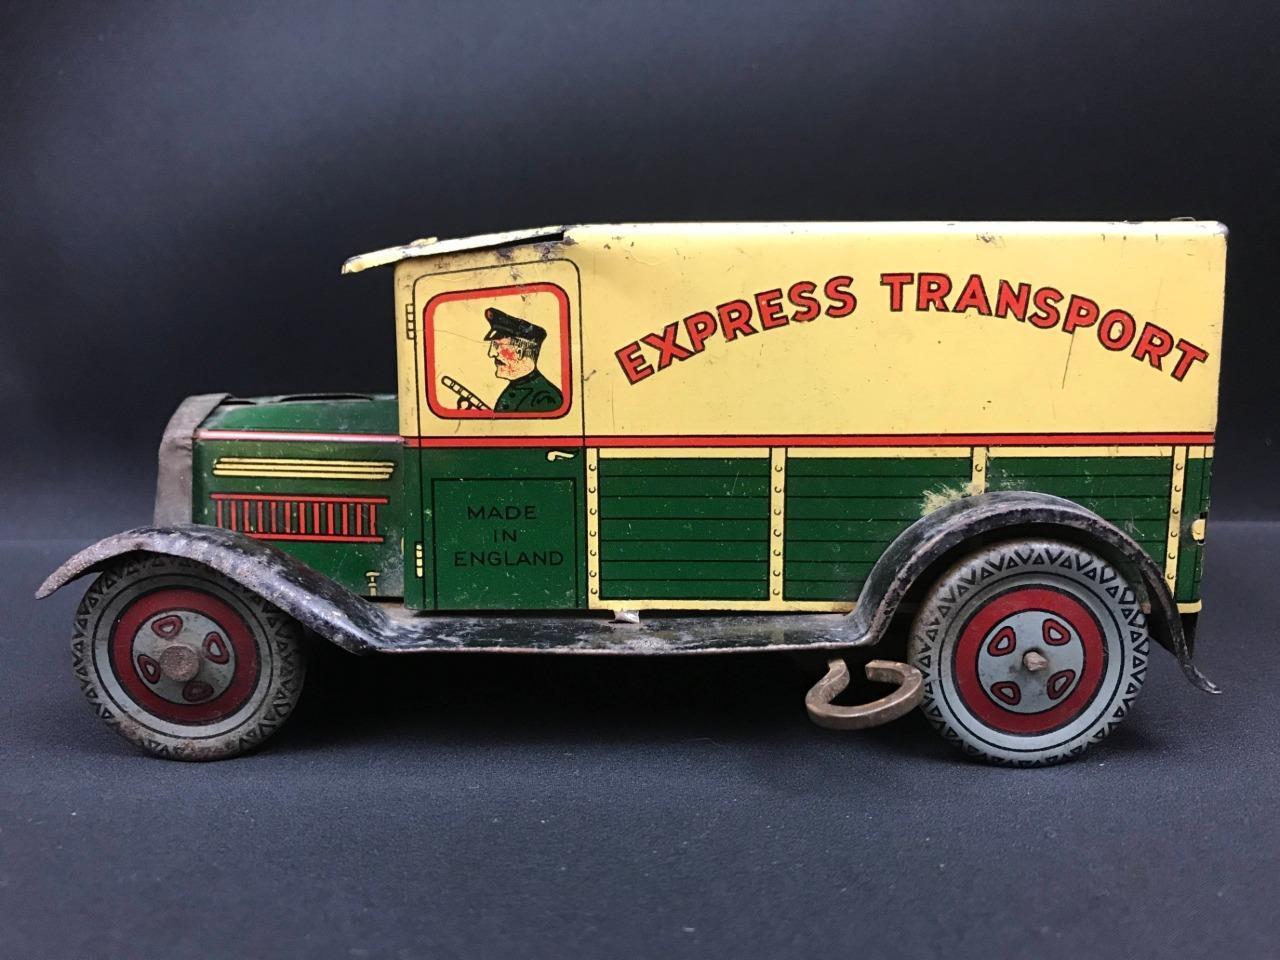 Wells BrimJuguete mecanismo de relojería entrega urgente Transporte De Juguete Hojalata van Vintage coche